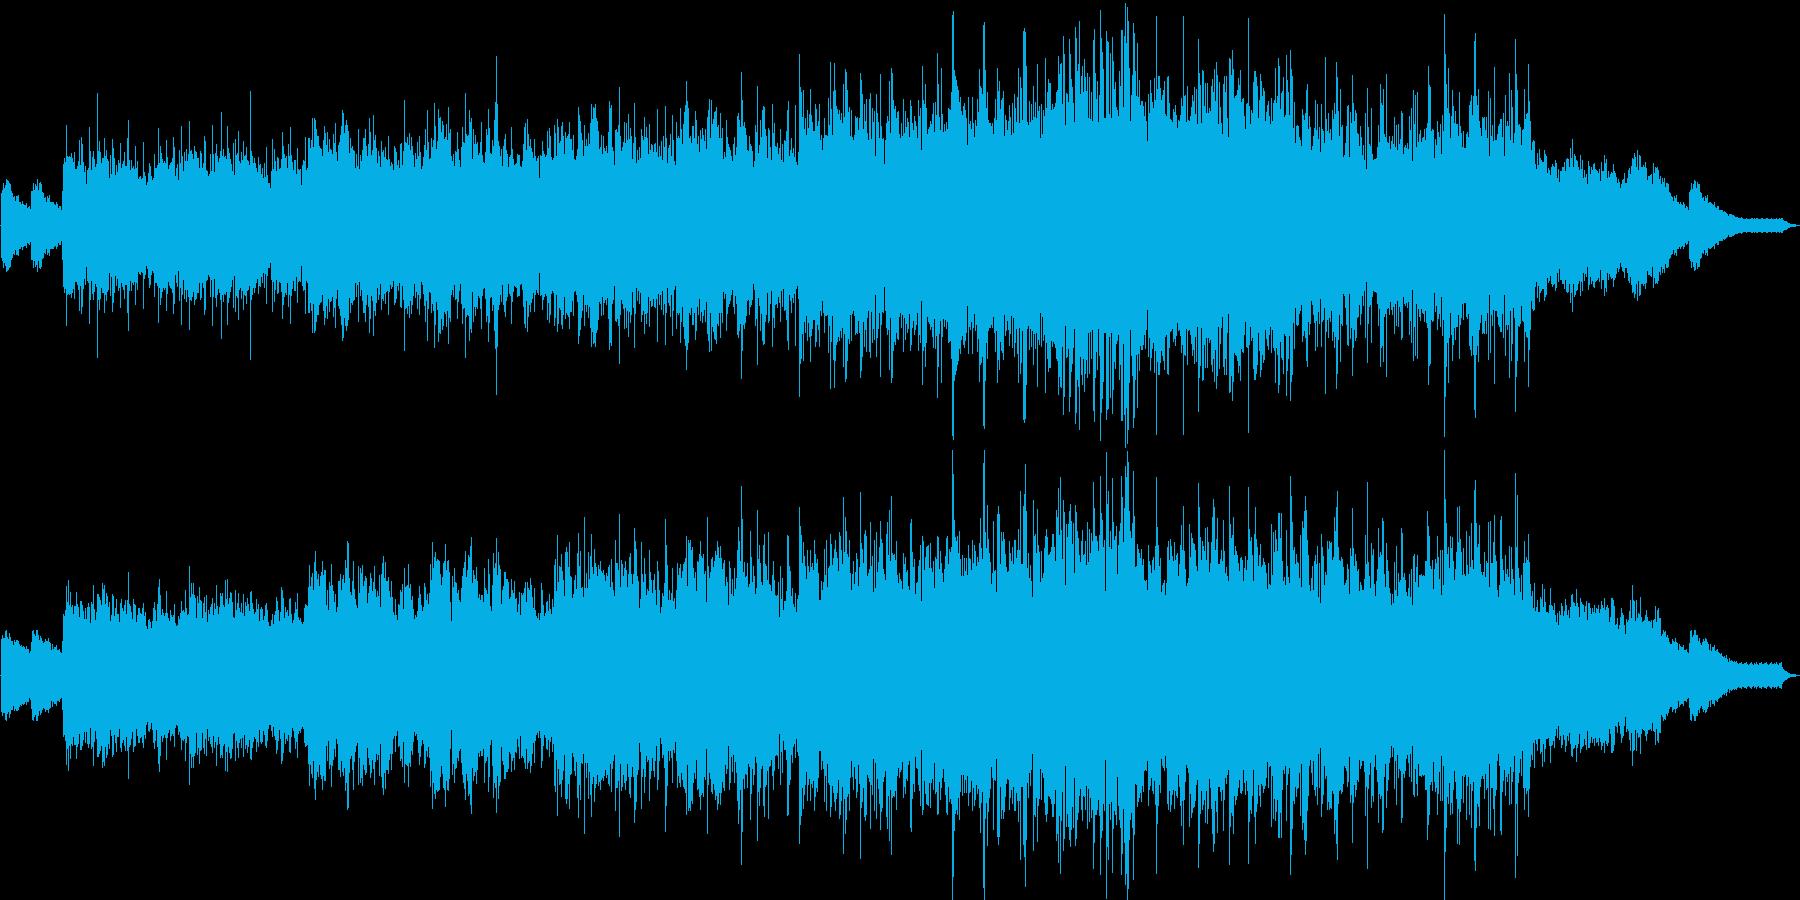 民族楽器とシンセサイザーの爽やかな楽曲の再生済みの波形